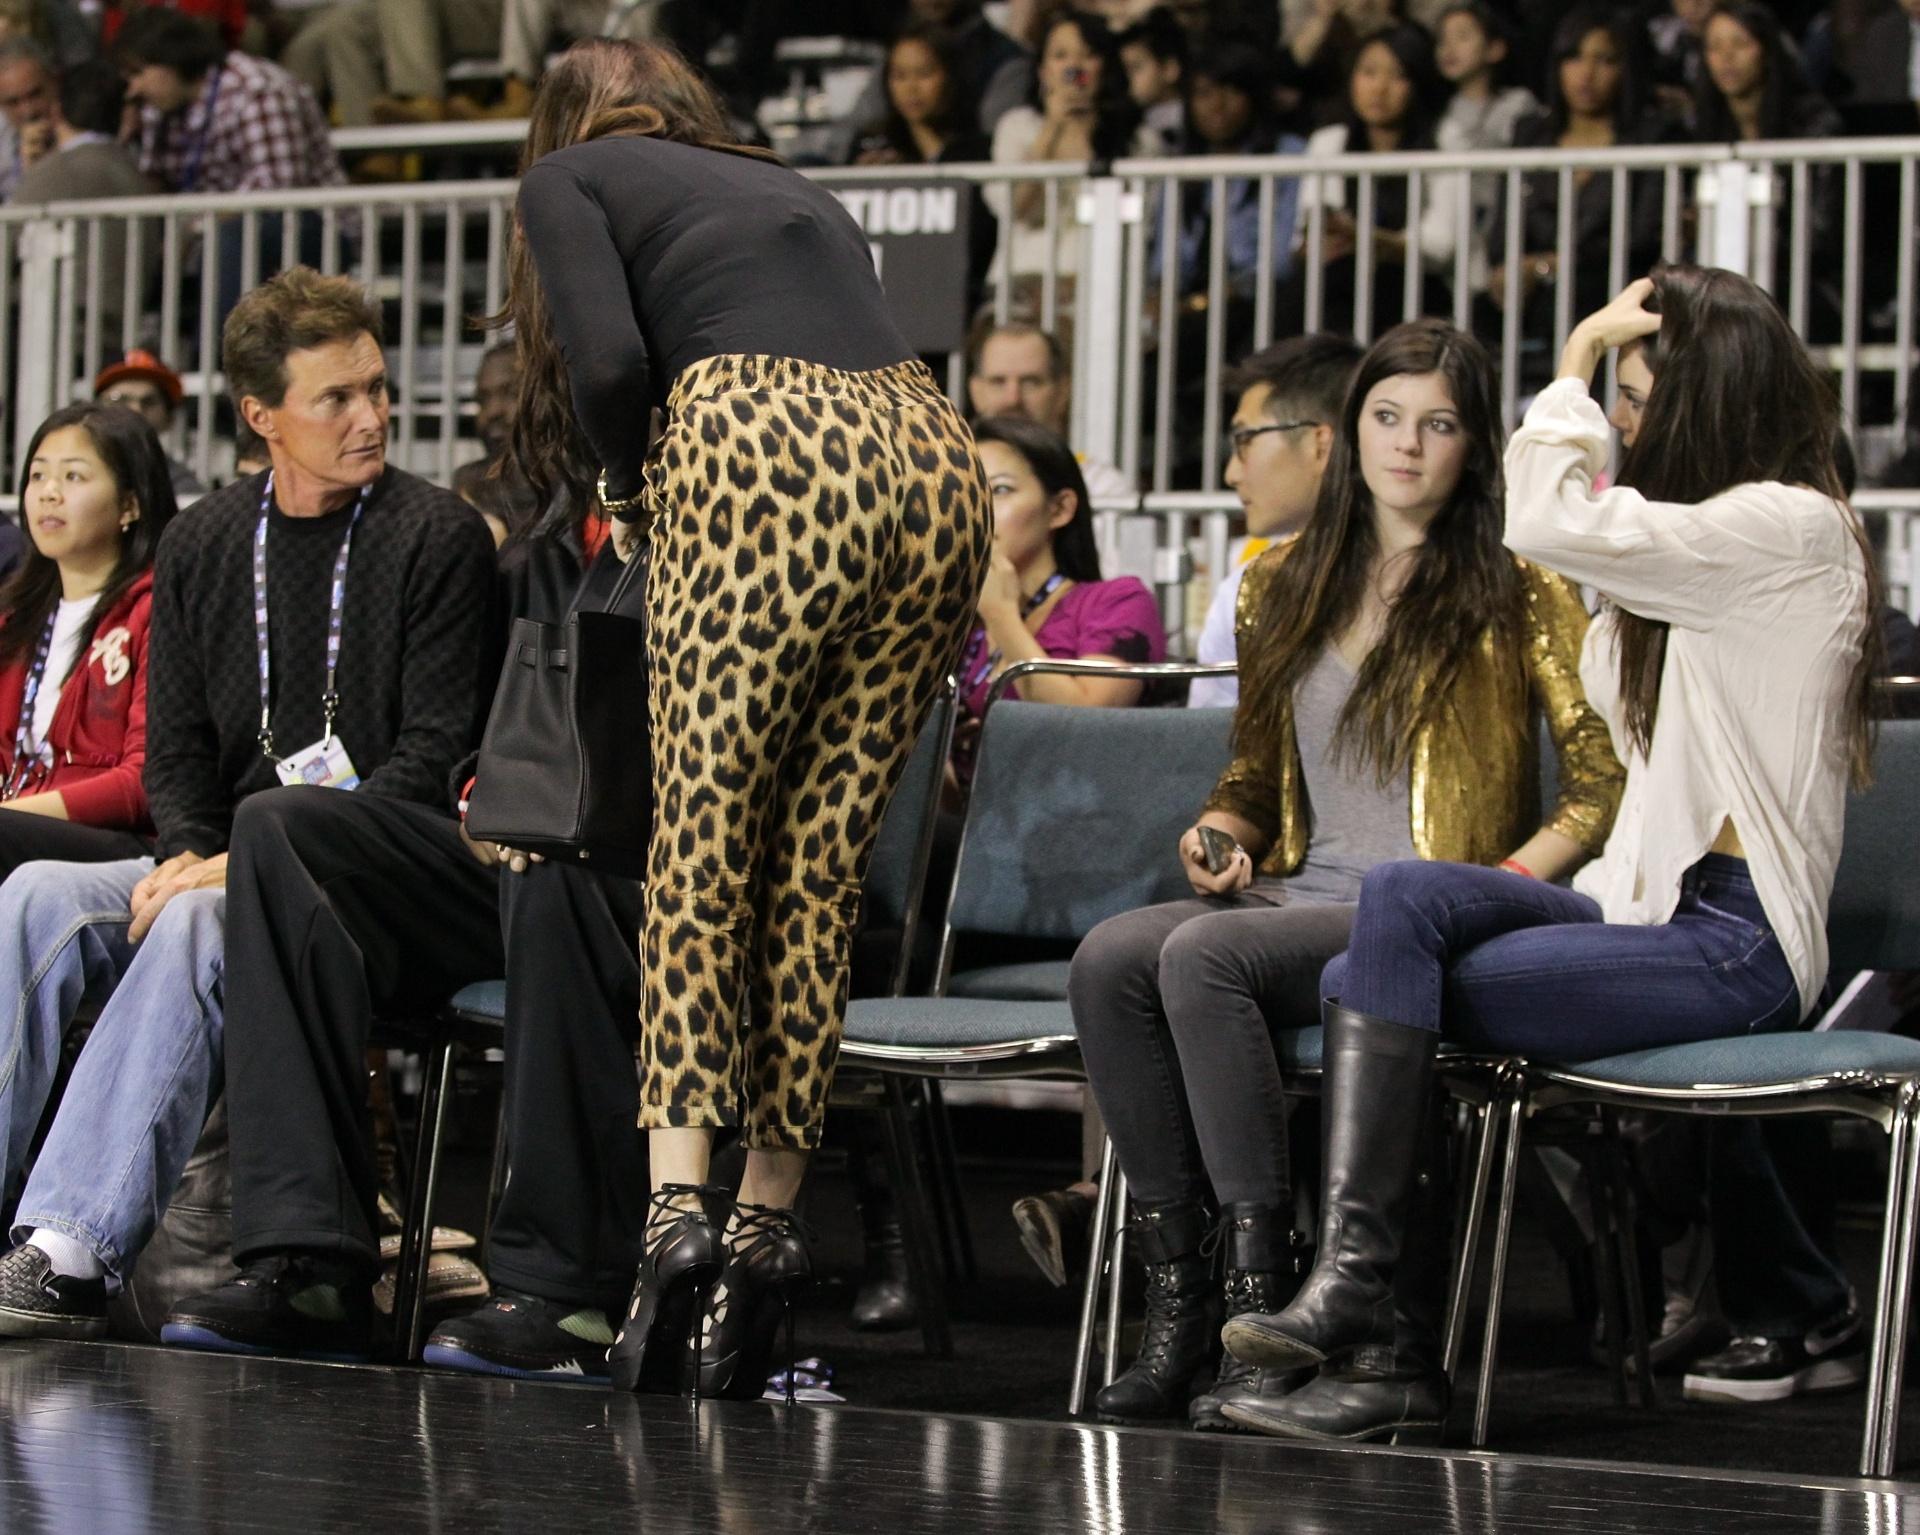 Khloe Kardashian acompanha o Jogo das Celebridades do All Star Game da NBA em 2011